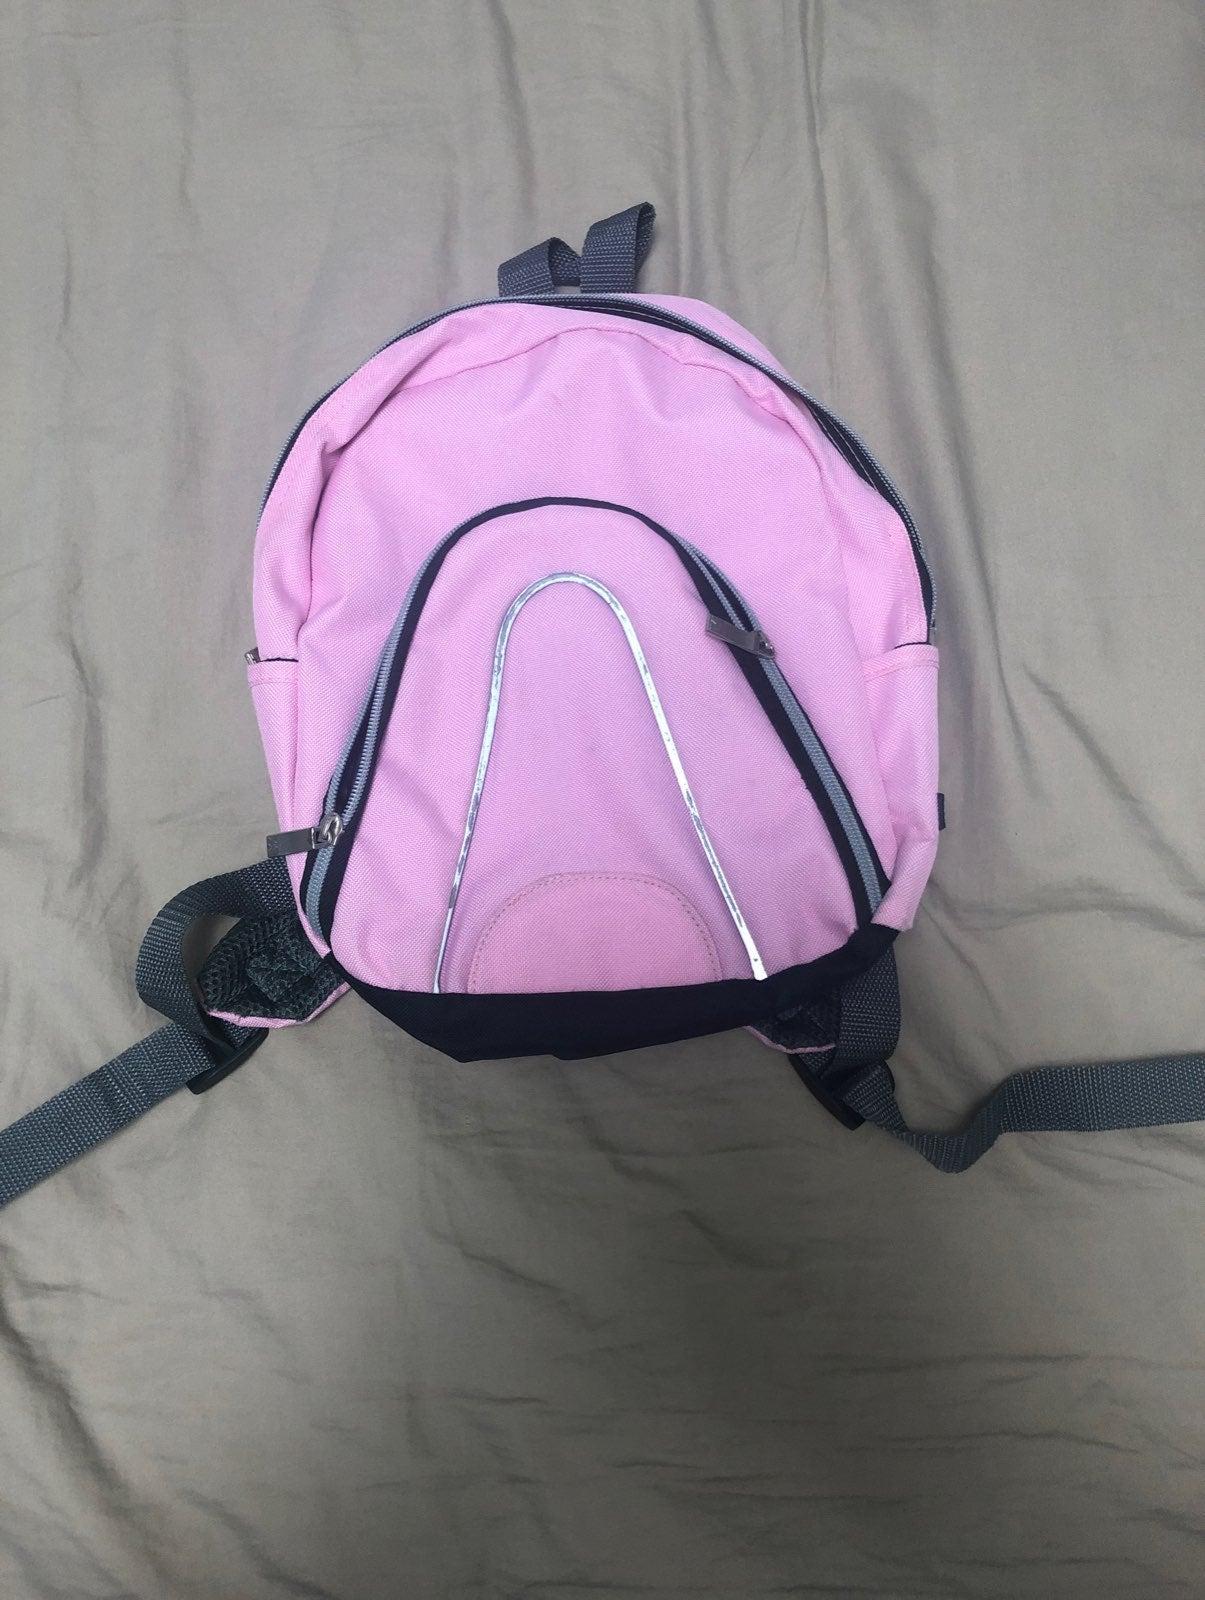 Backpack for toddler